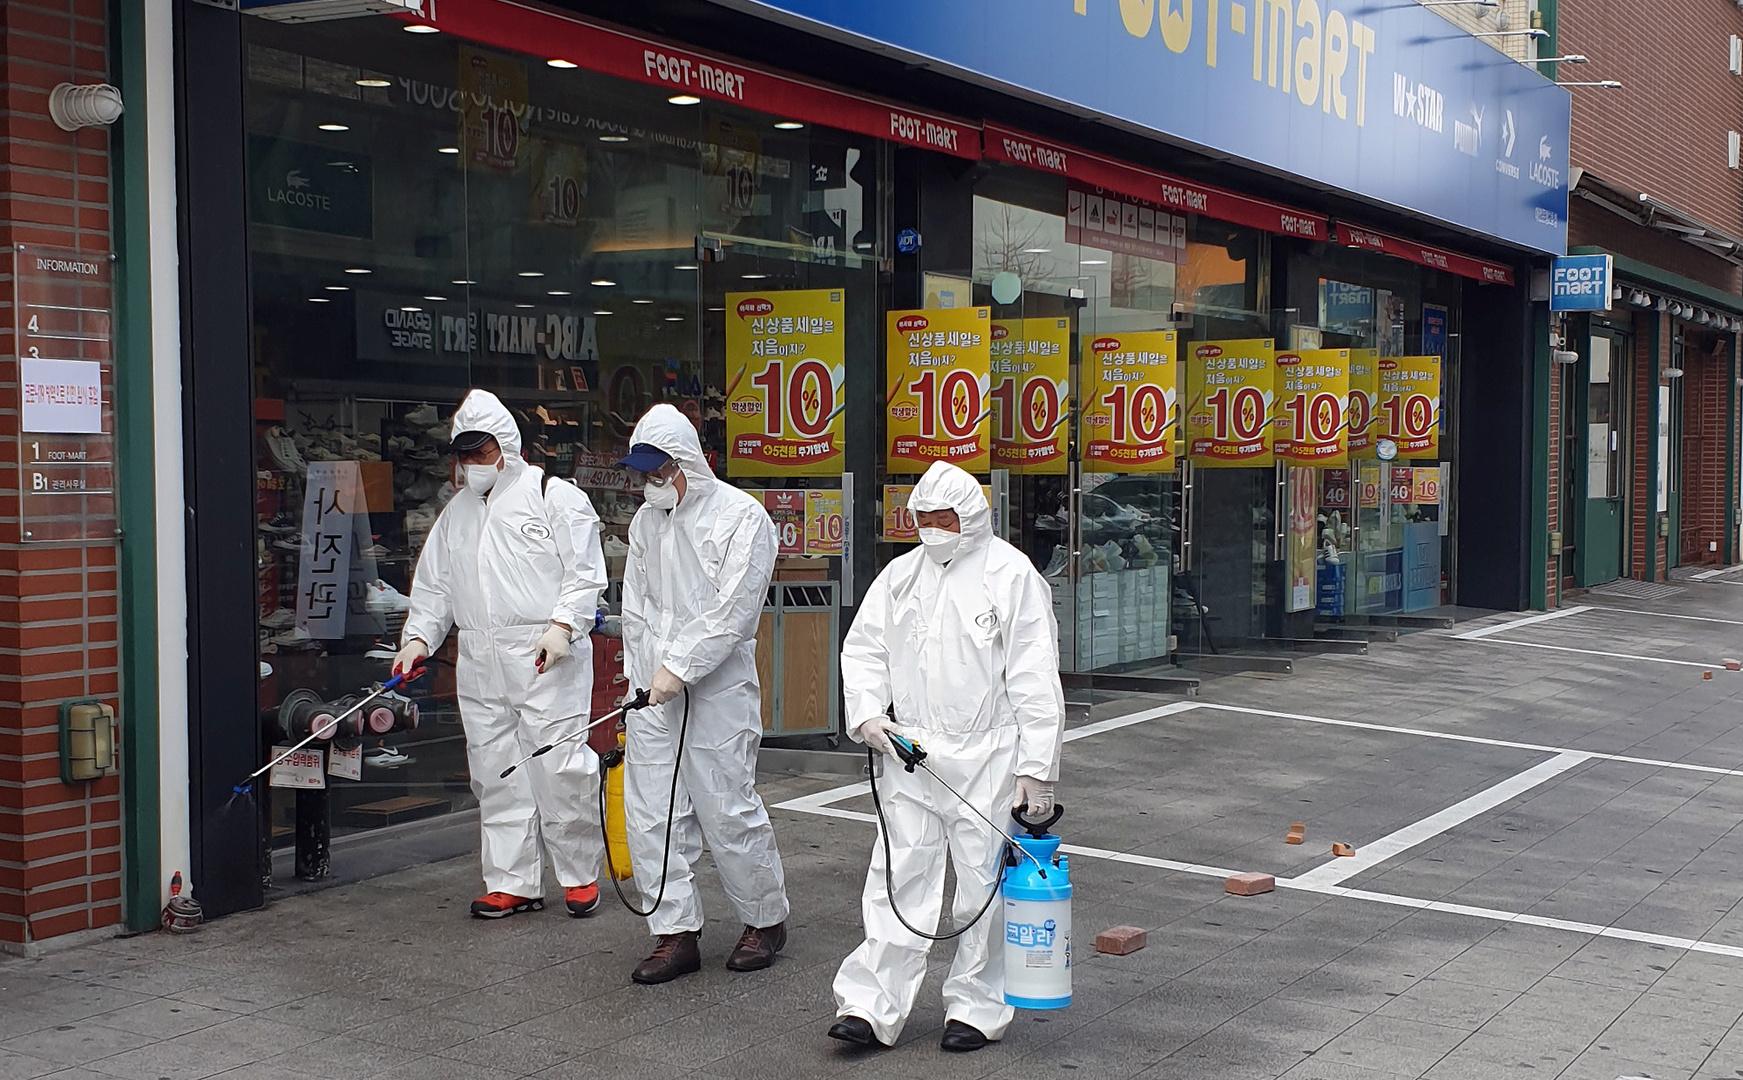 كوريا الجنوبية تعلن خامس حالة وفاة بفيروس كورونا وترفع مستوى الخطر إلى أعلى درجة